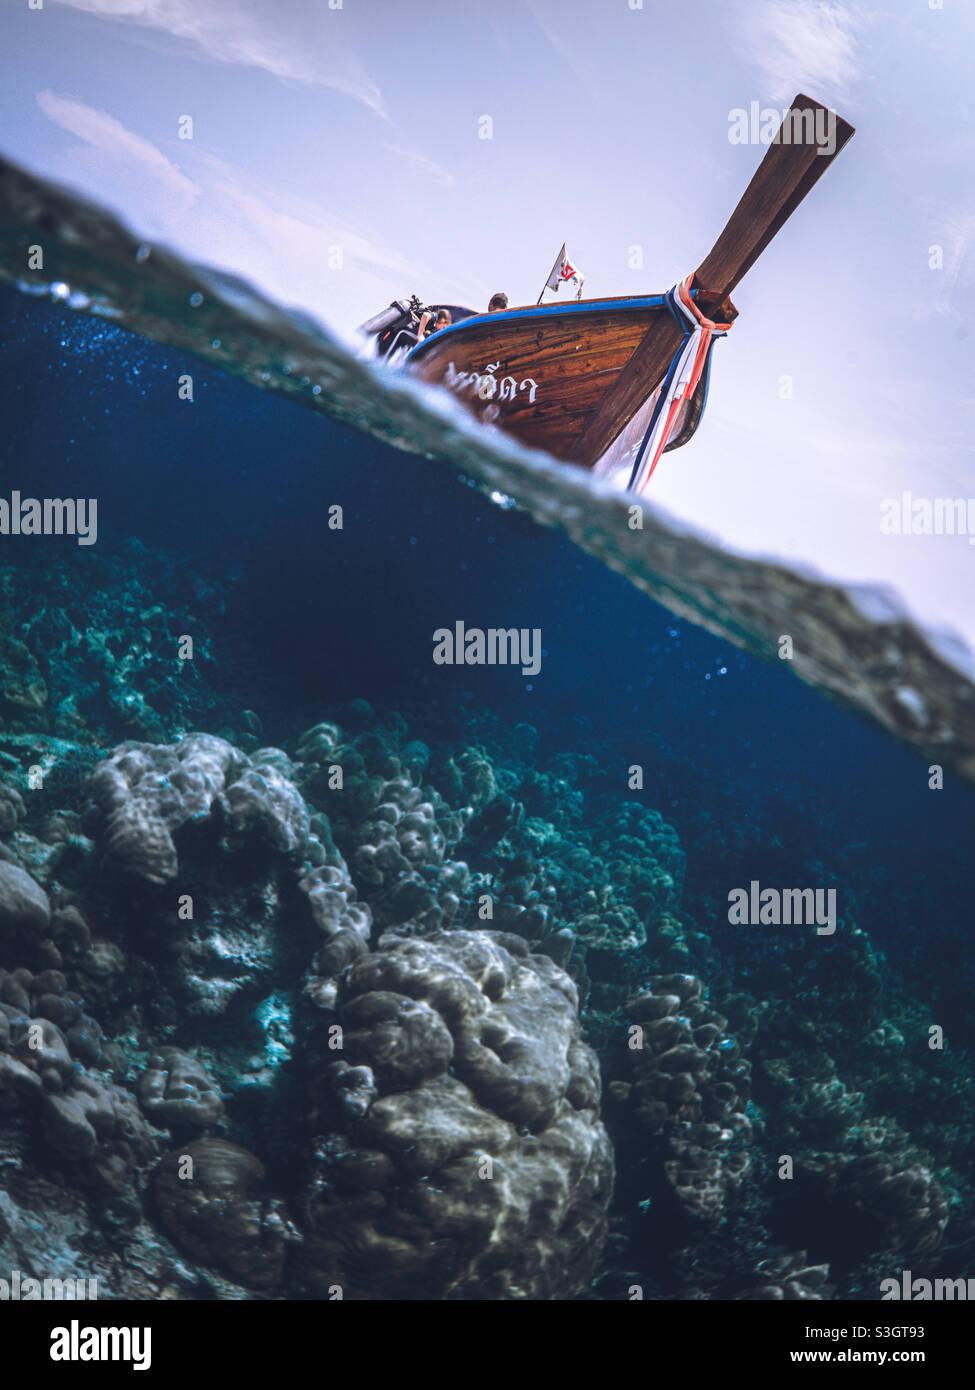 Lunga coda di legno barca tipic fromThailandia andare a snorkeling in acque blu e limpide Foto Stock